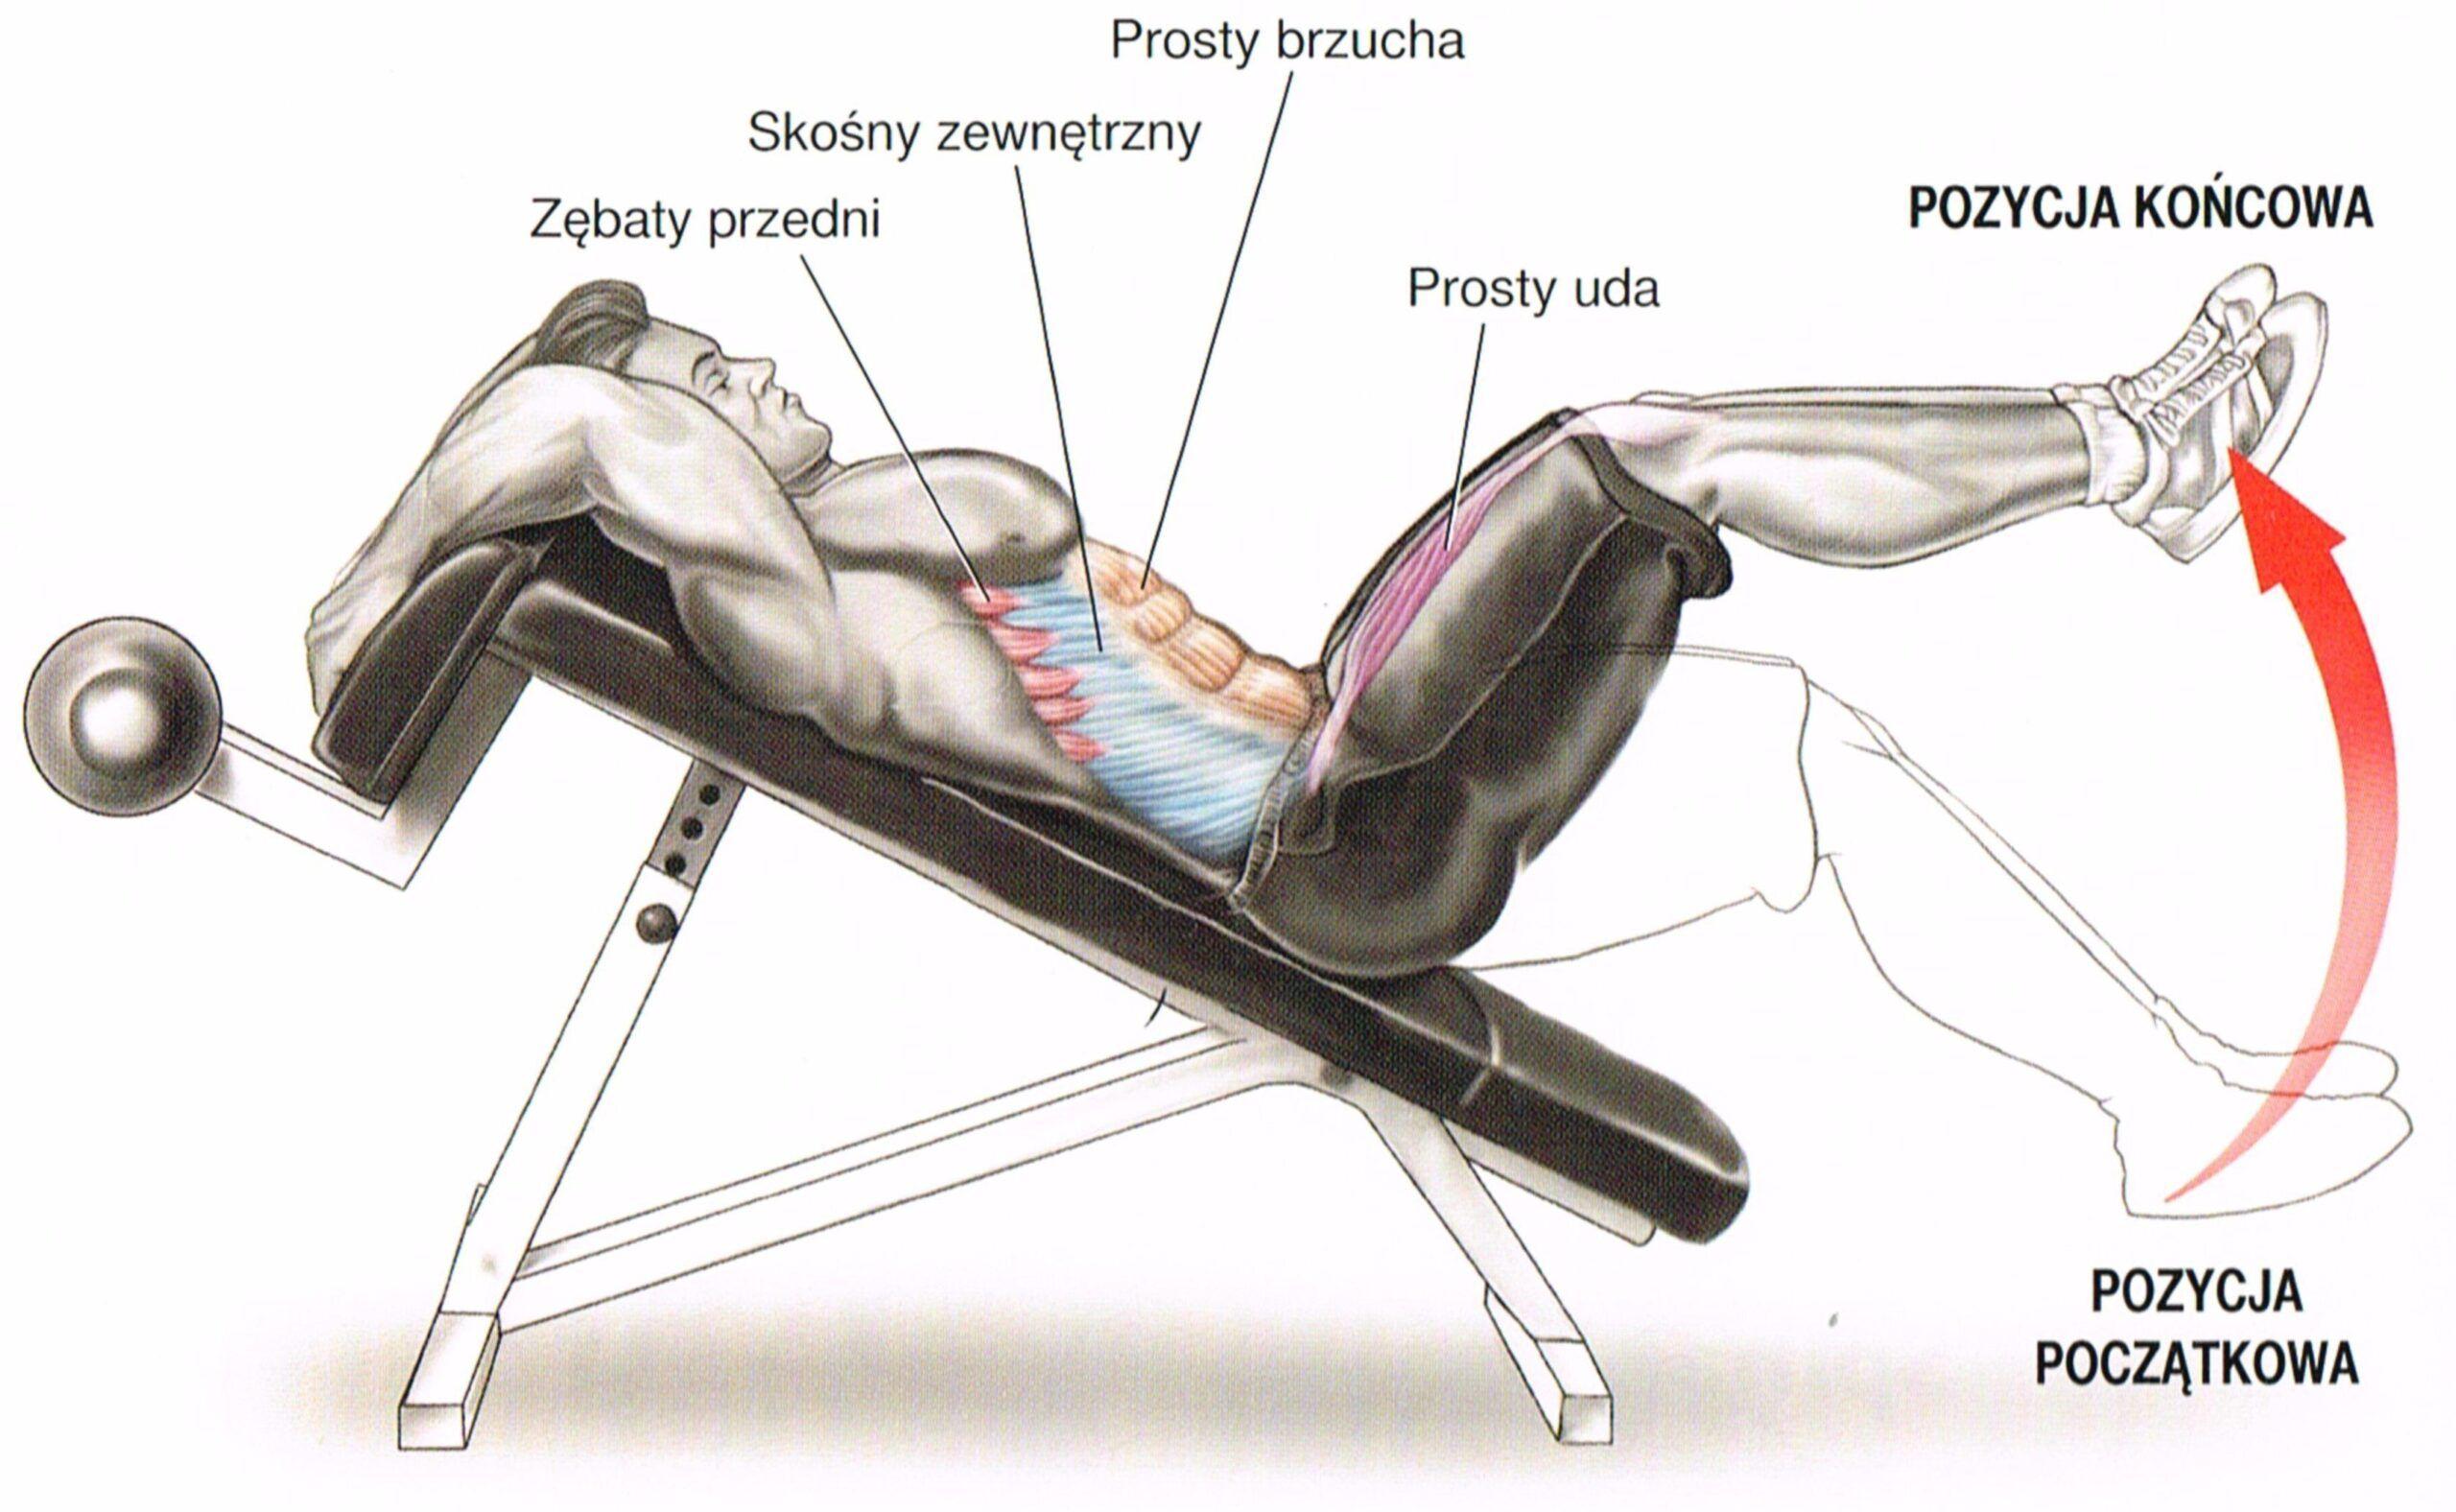 unoszenie nóg w leżeniu na skośnej ławce